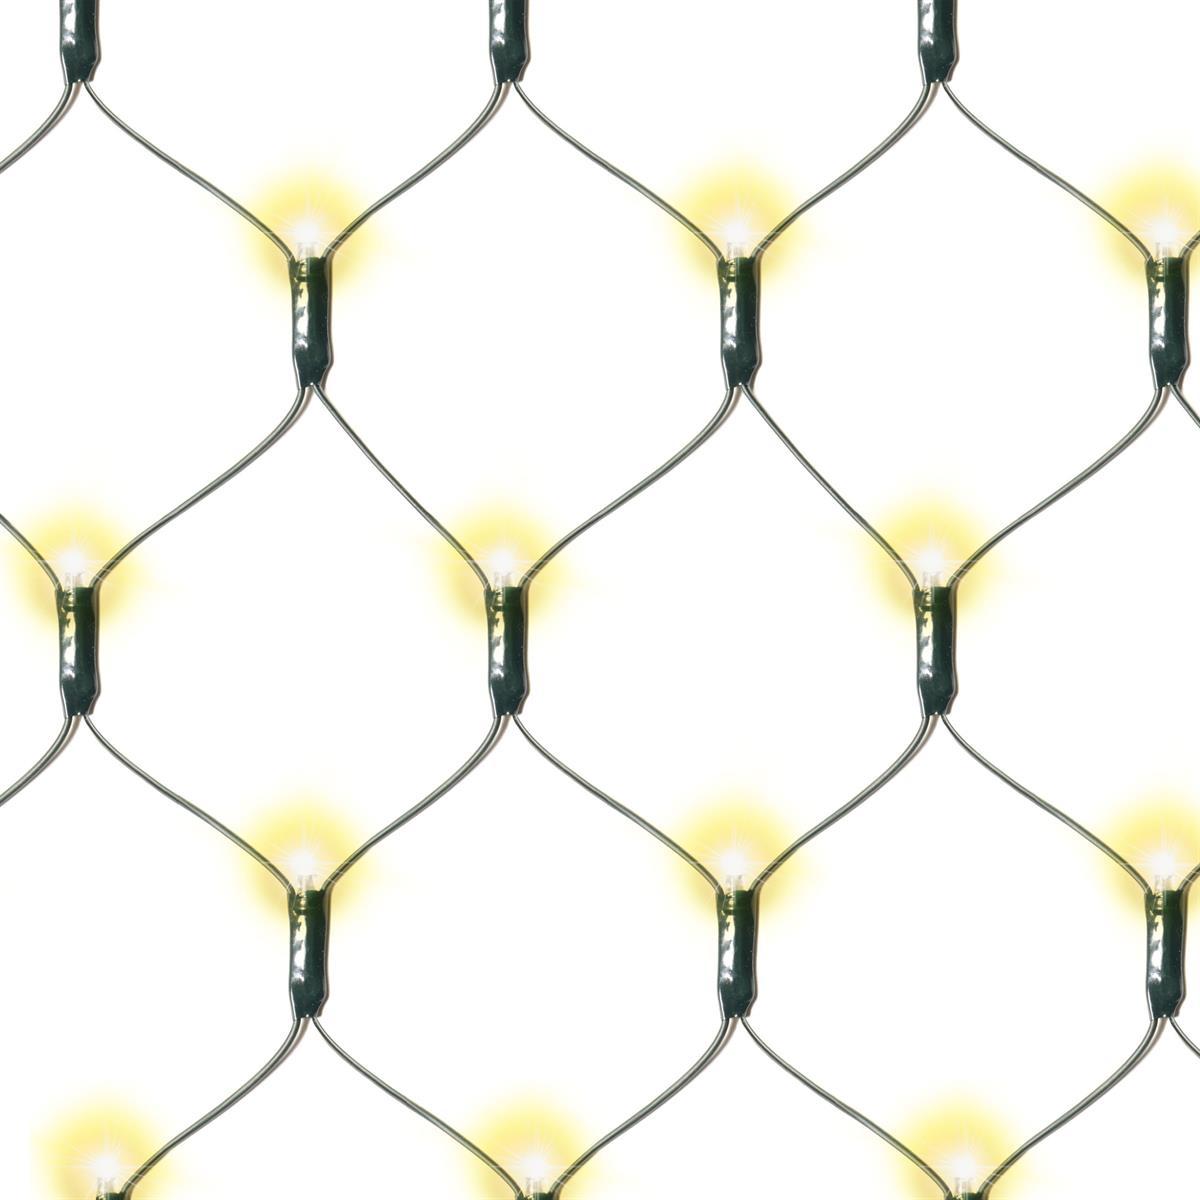 128er LED Lichternetz3x3 m warm weiß Timer Trafo Lichterkette Weihnachten Xmas